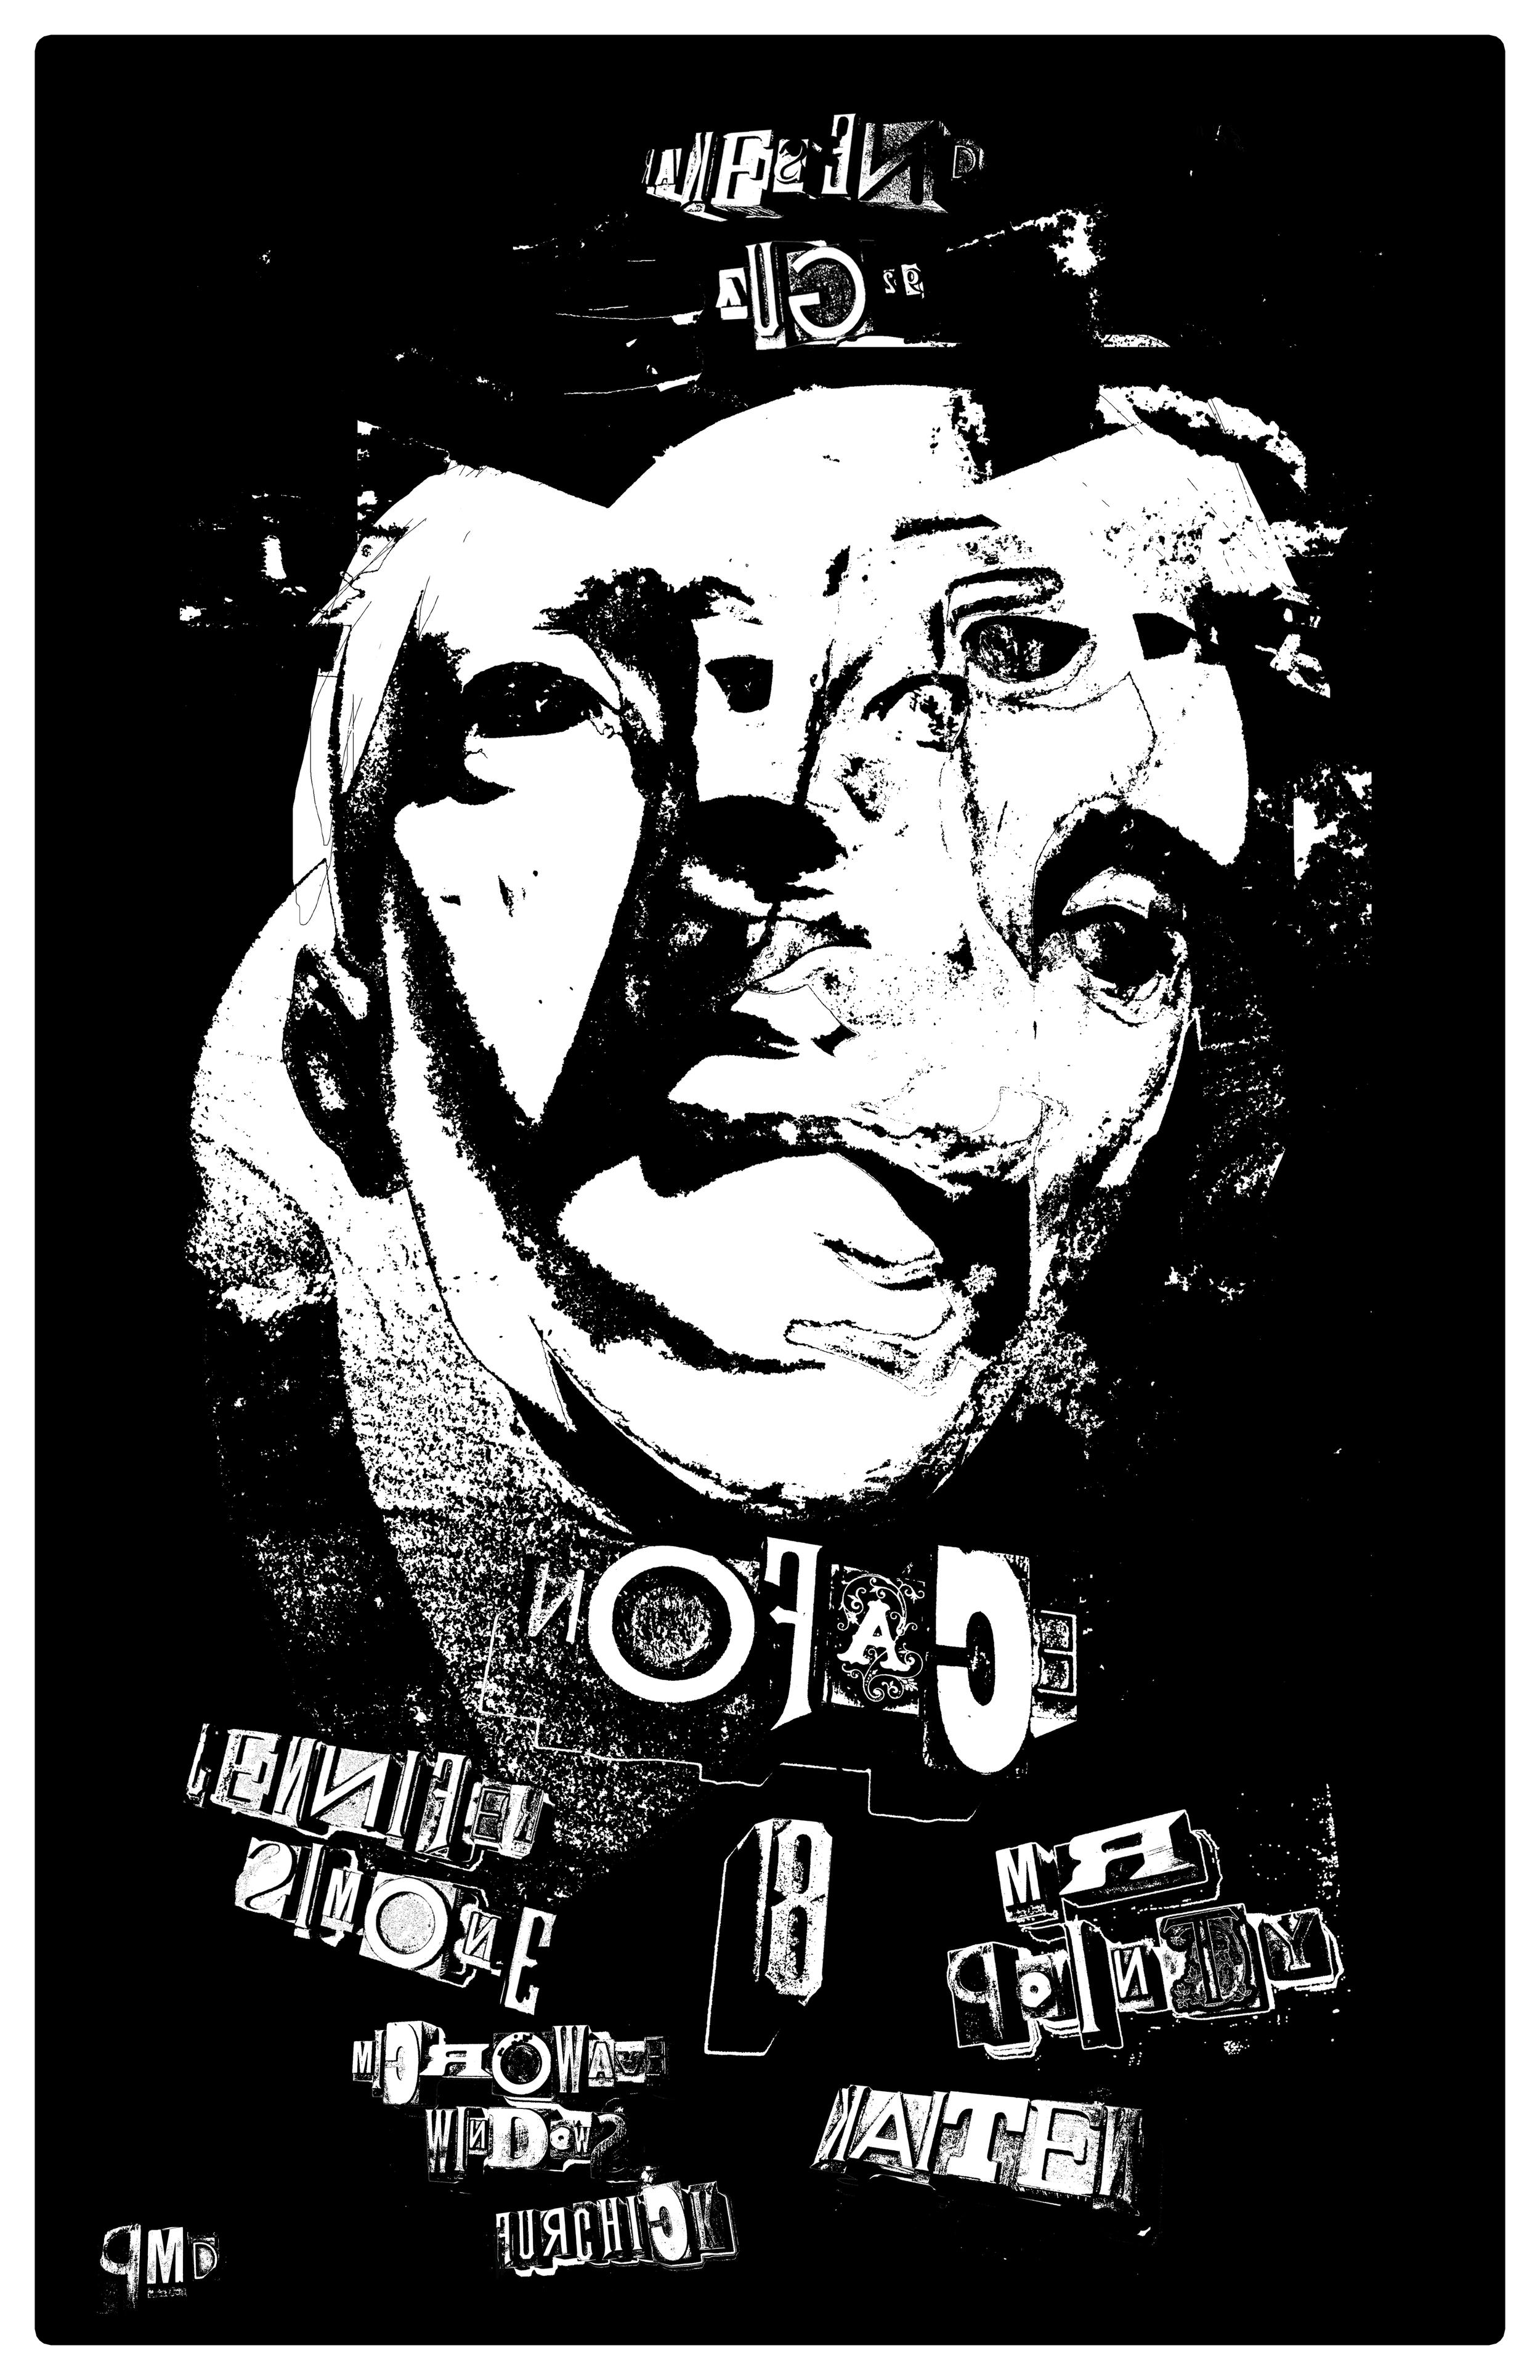 NOFACE 8 poster FINAL WITH WEIRD TEXT.jpg